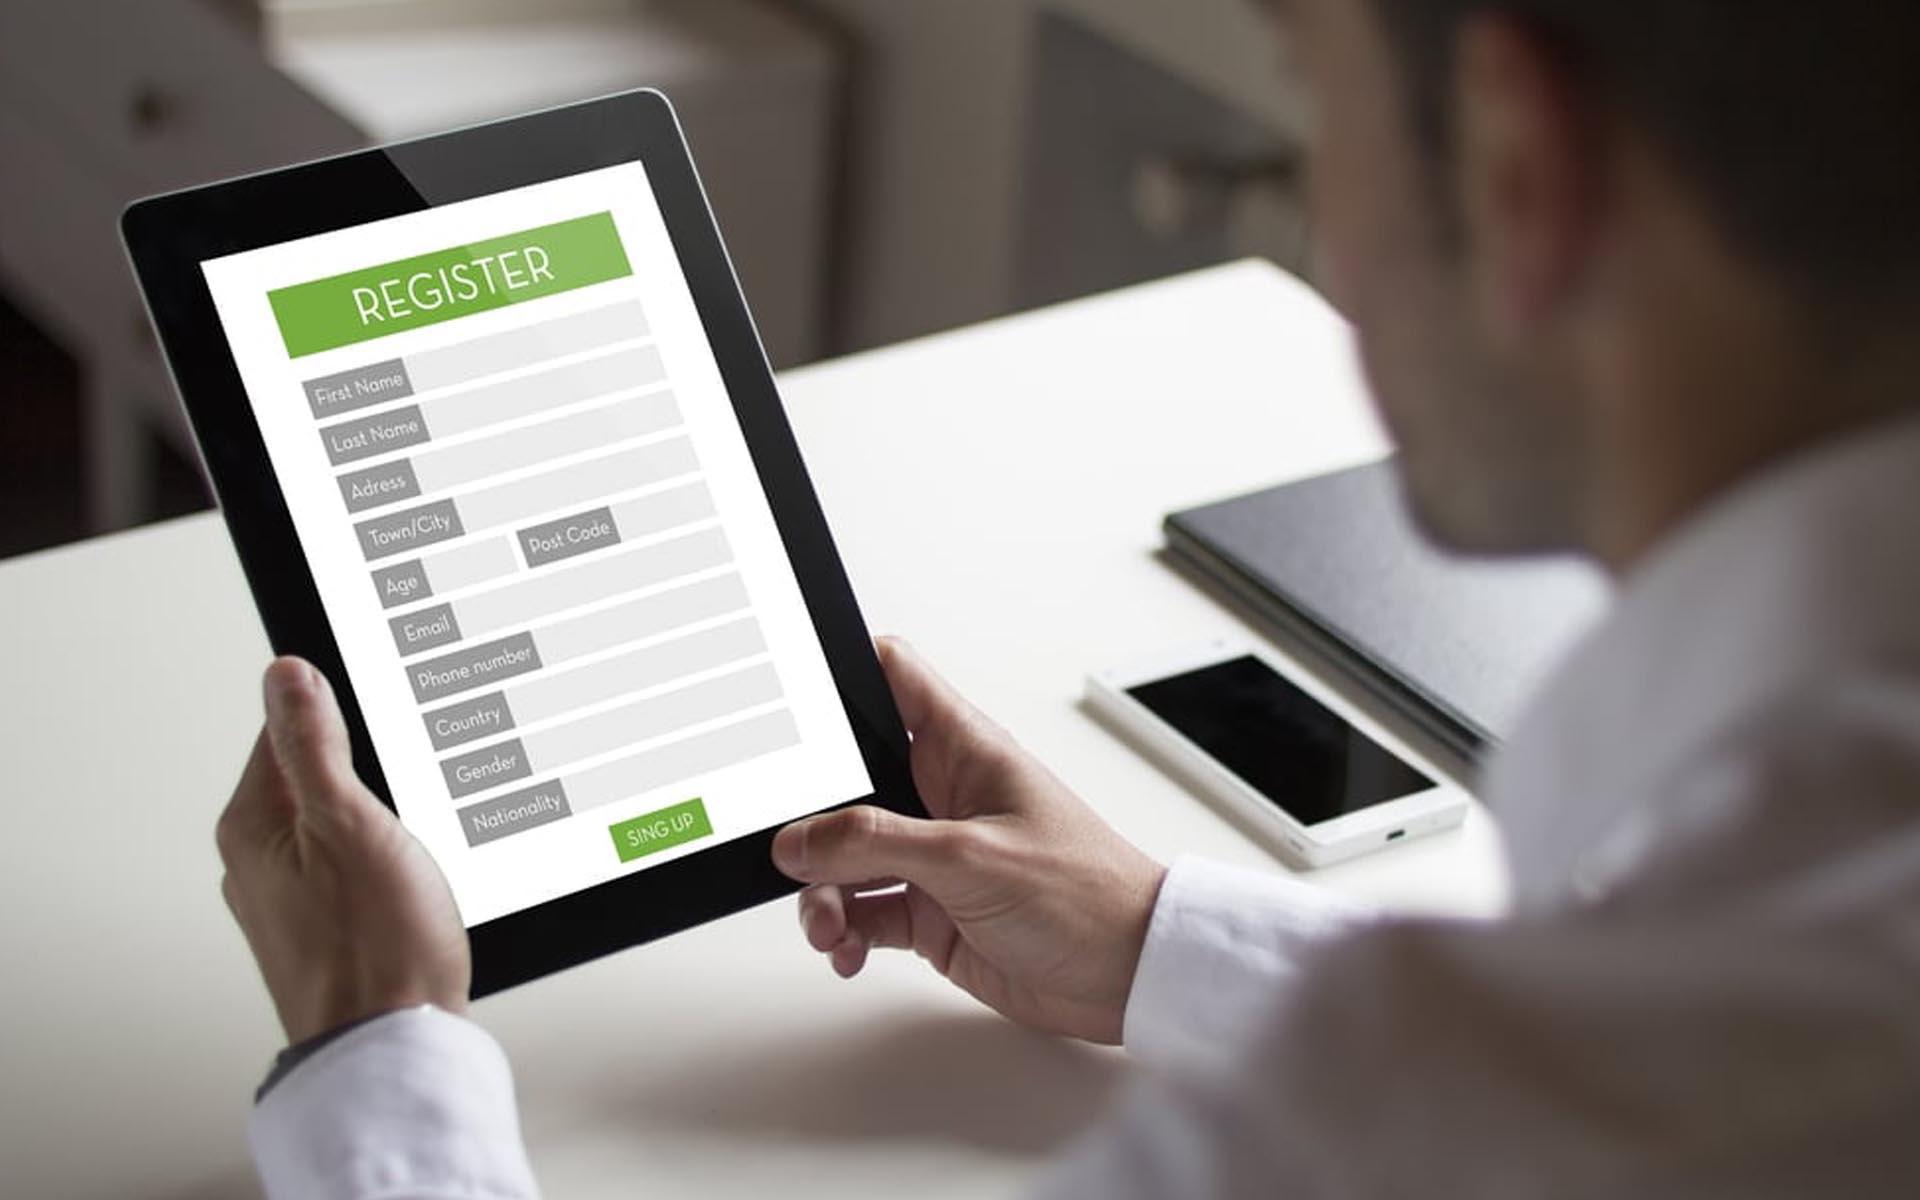 design-web-belfast-sign-up